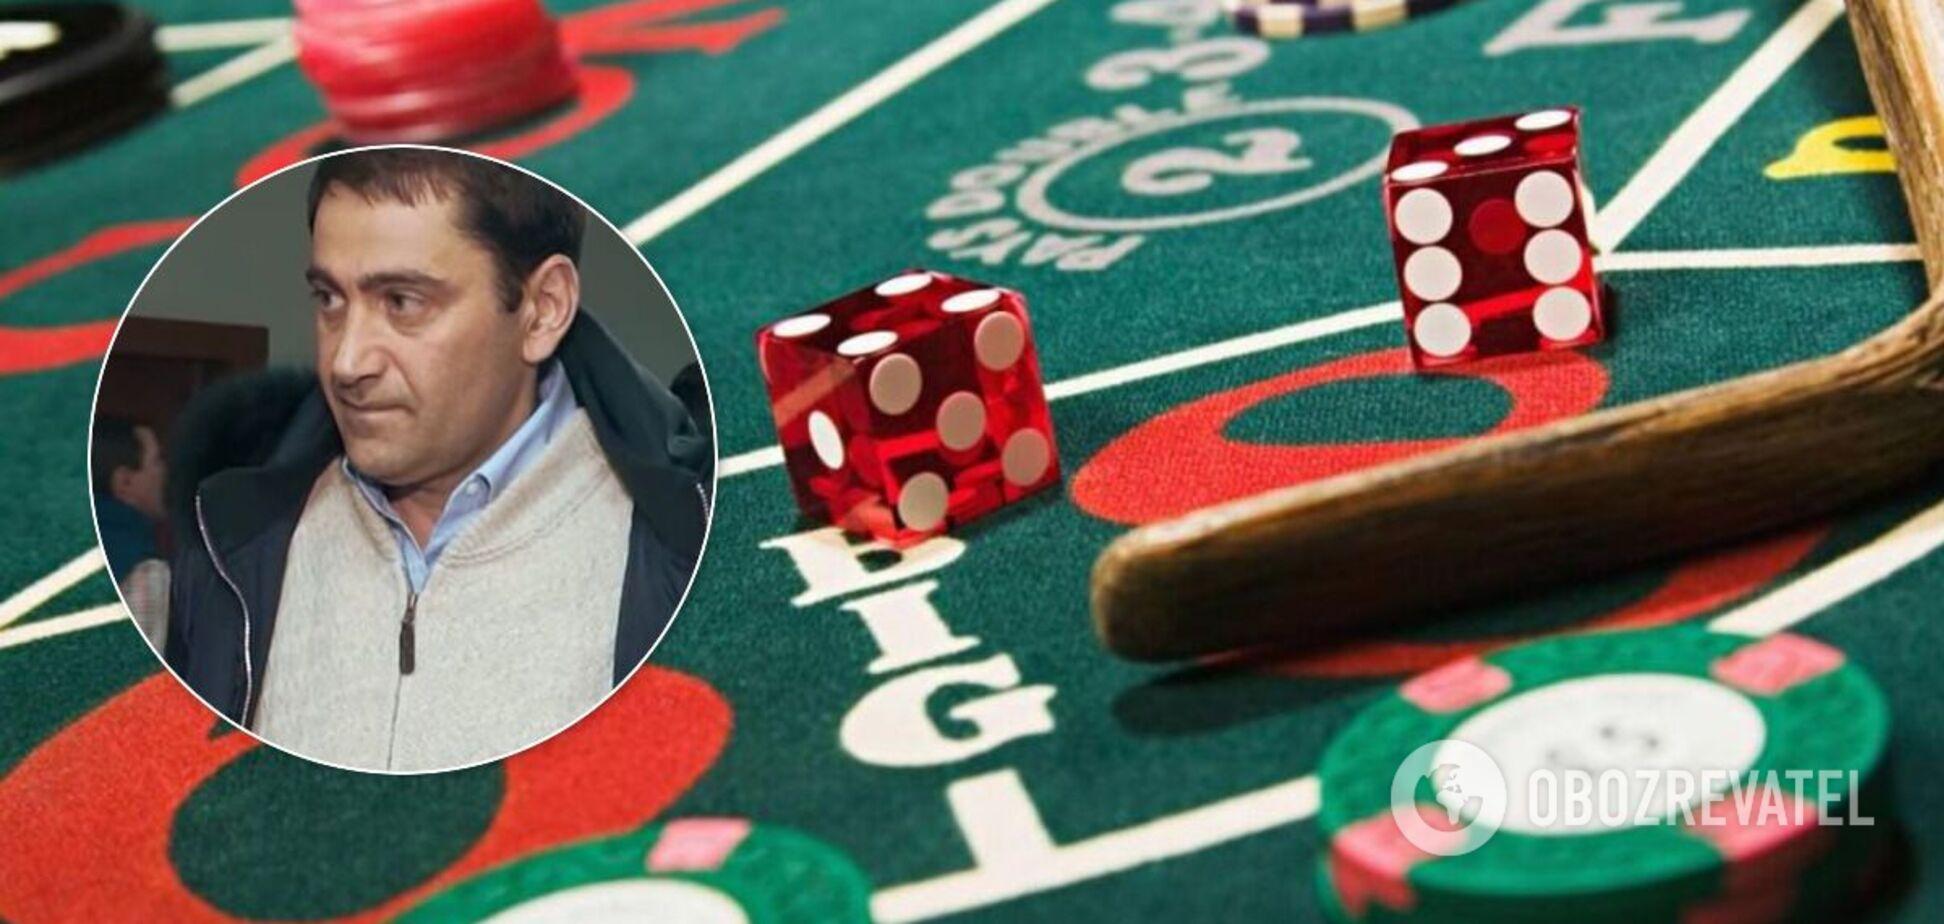 Баума хотят сделать главой Комиссии по азартным играм в Украине